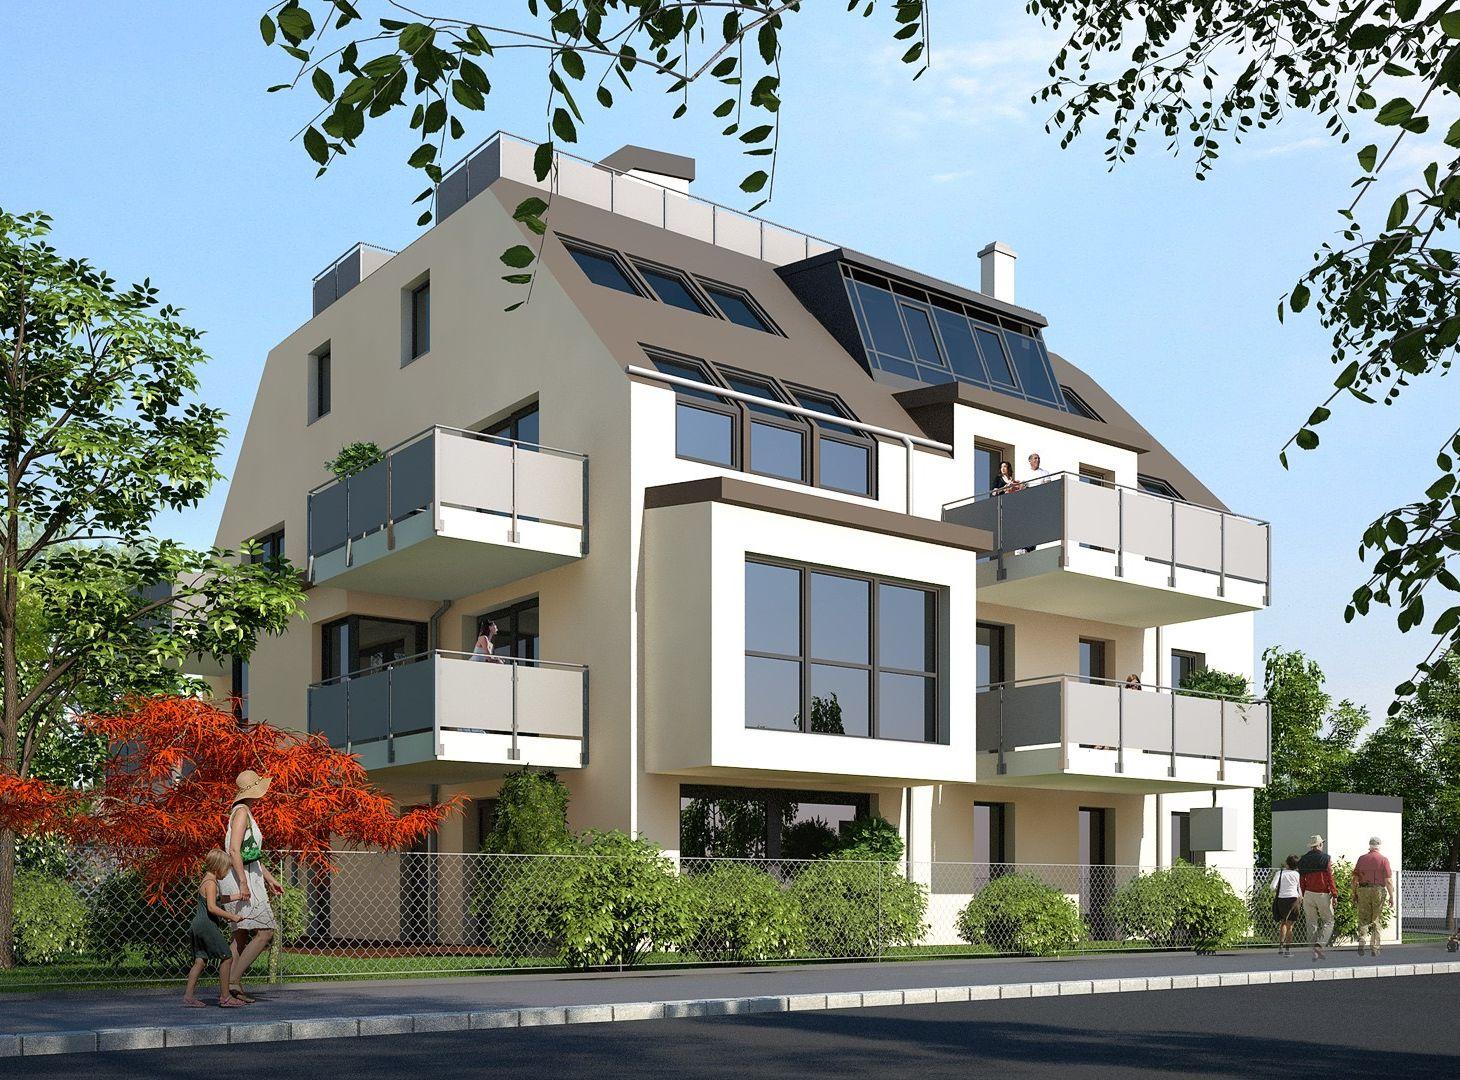 Startseite_Wohnungen_1460x1080